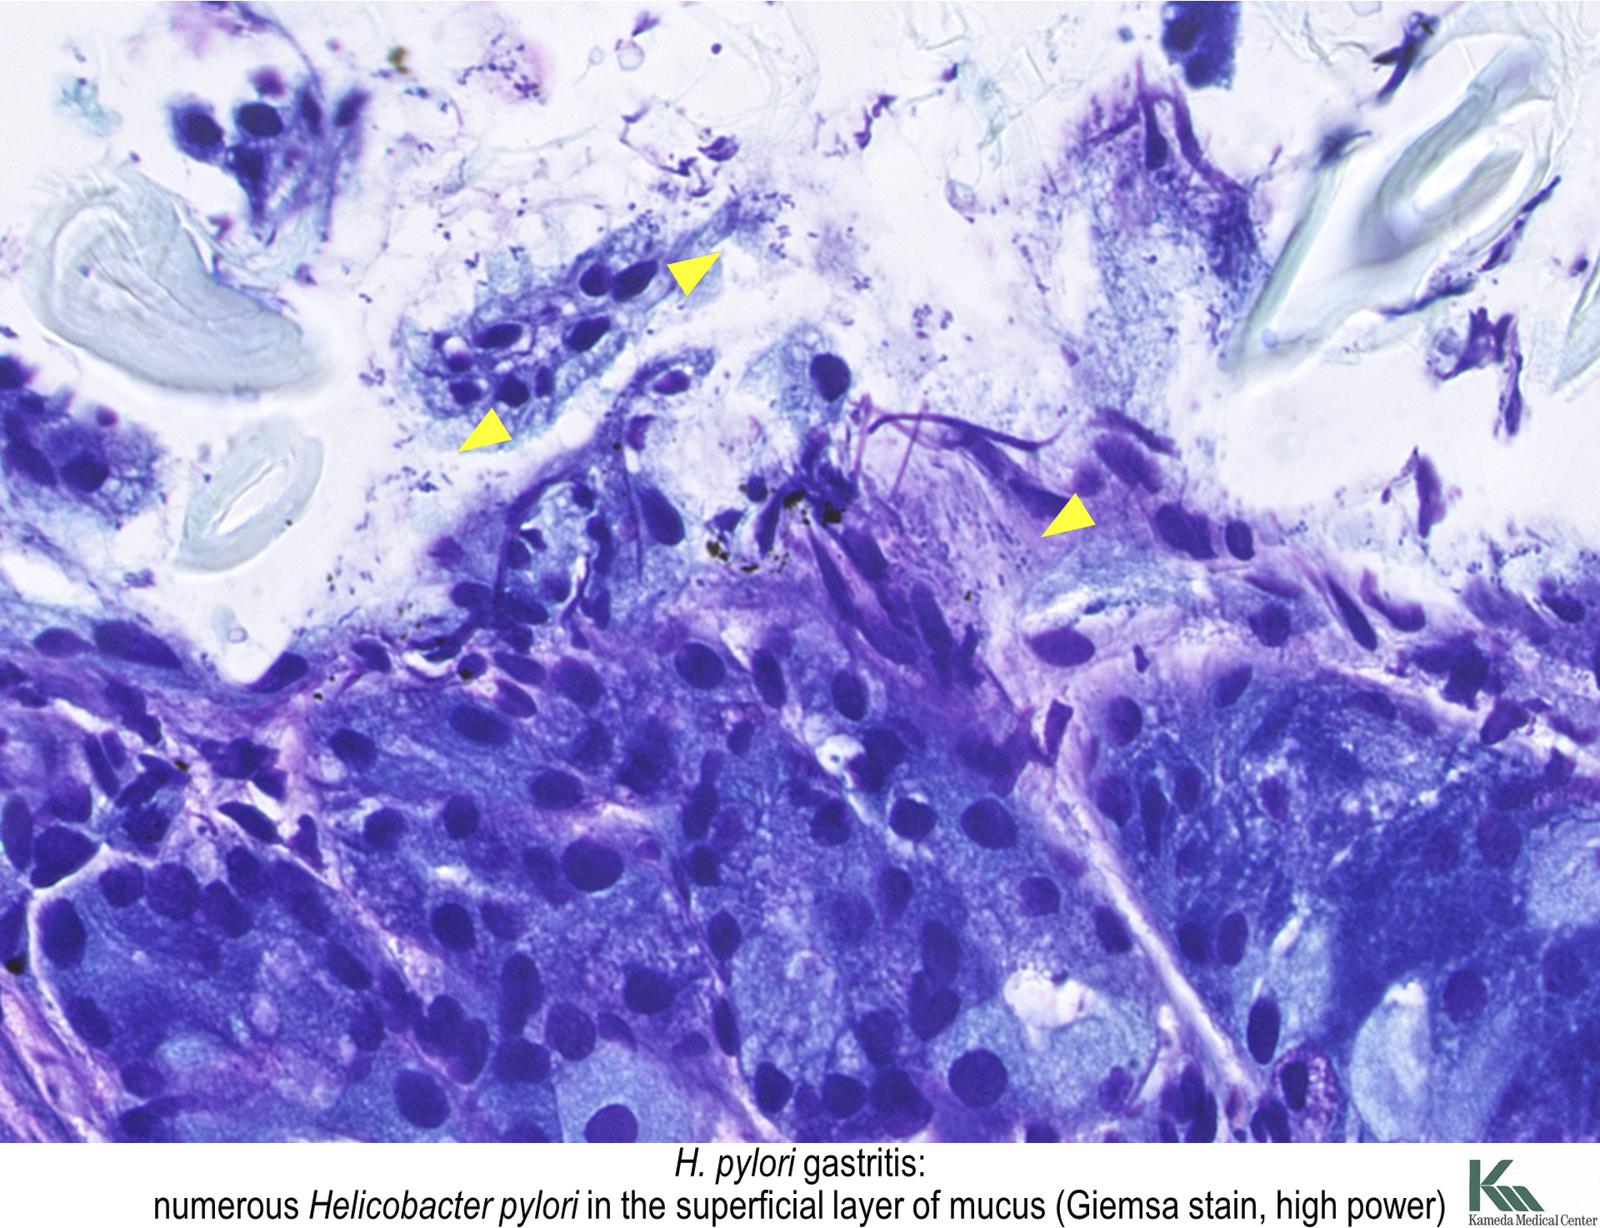 giardiasis pathology outlines